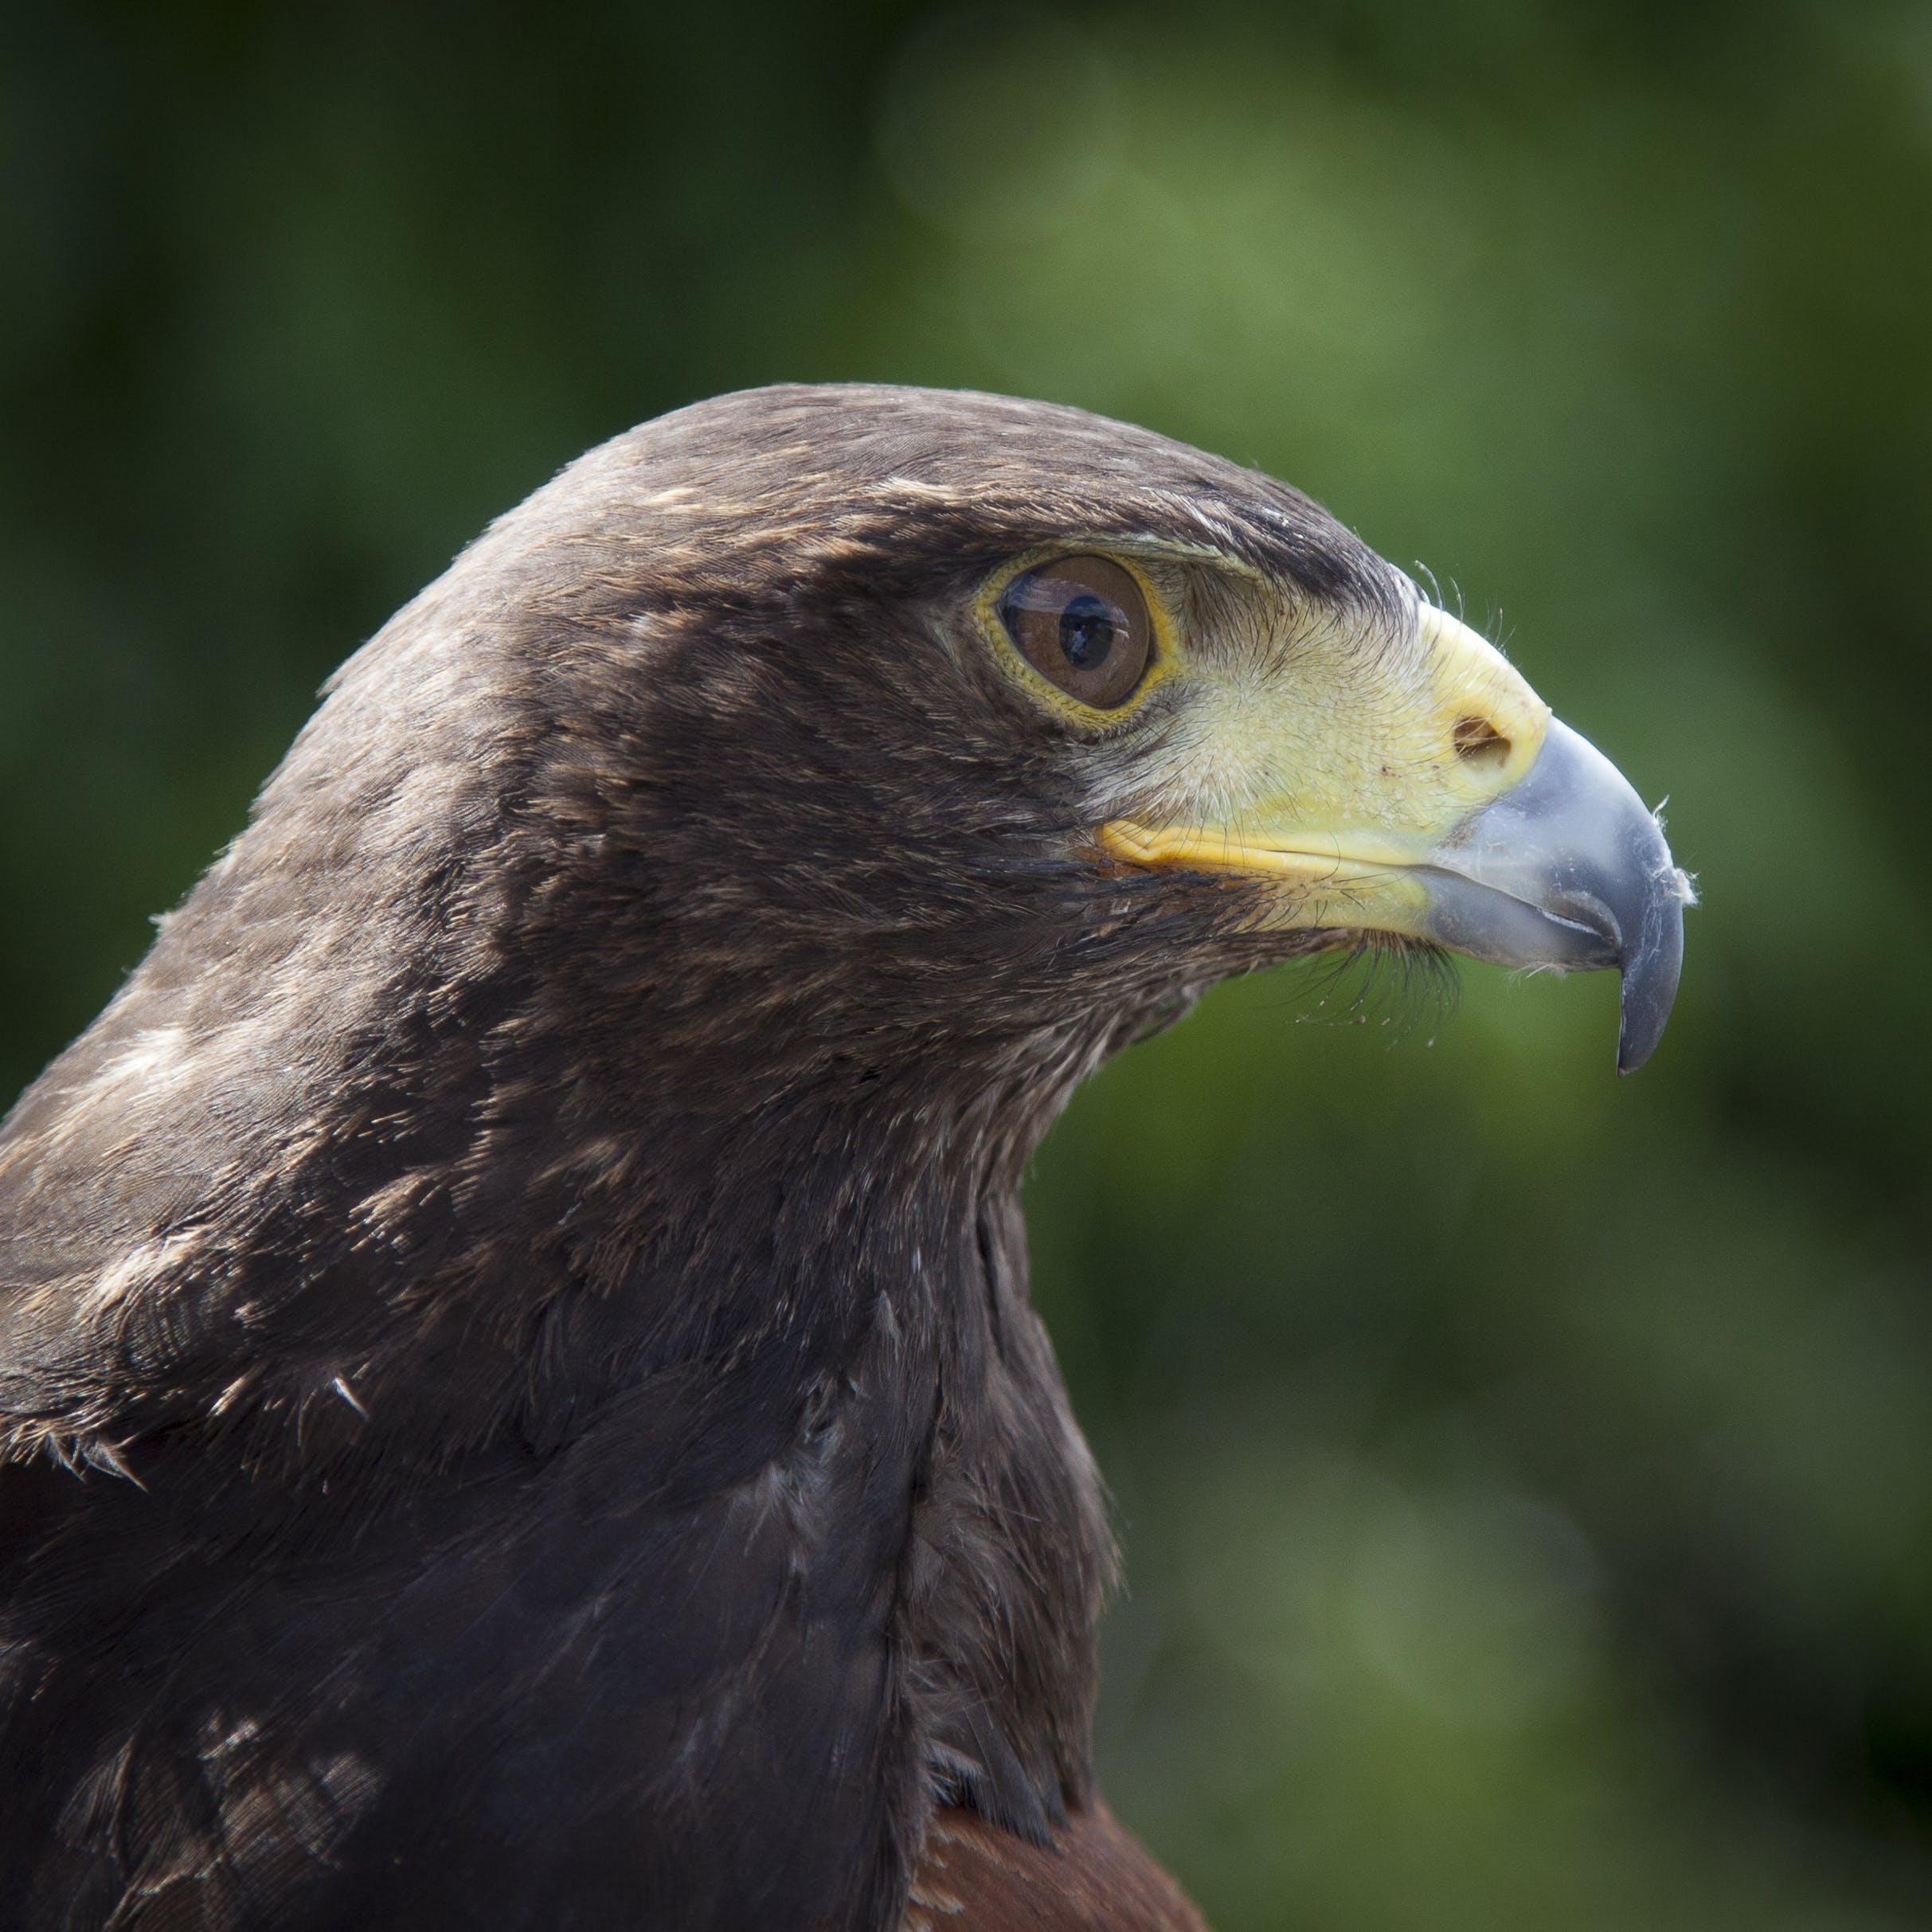 Black and Green Bird Tilt Shift Lens Photograph